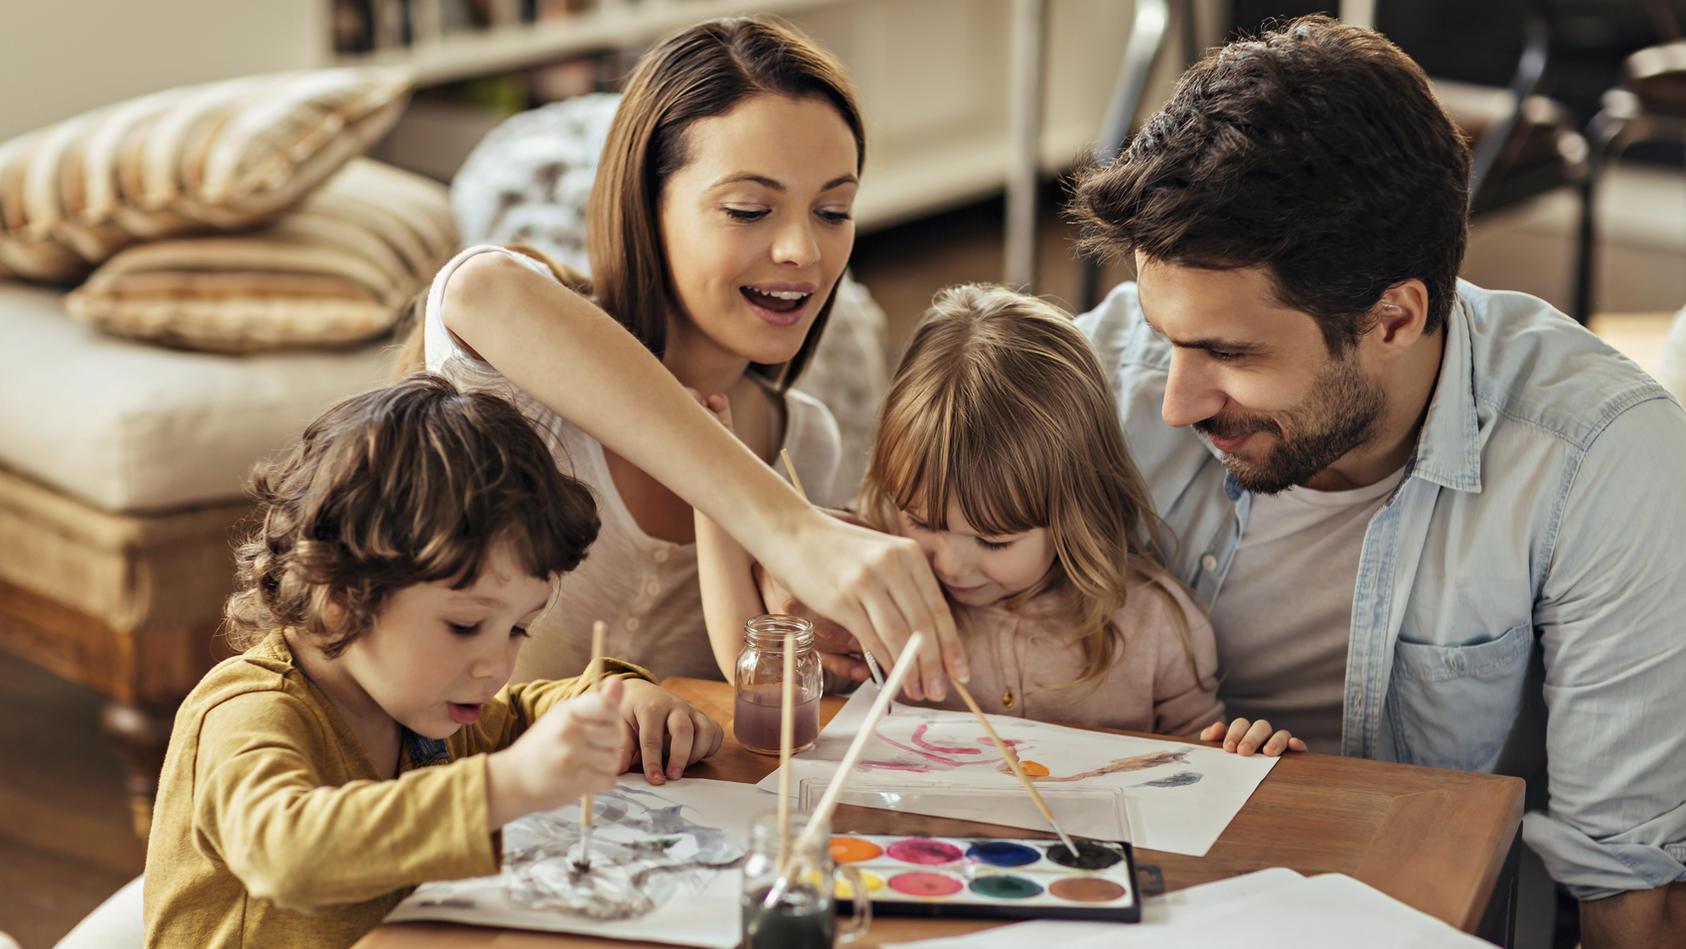 Ob mit den Kindern oder allein: ein kreatives Hobby macht Spaß!